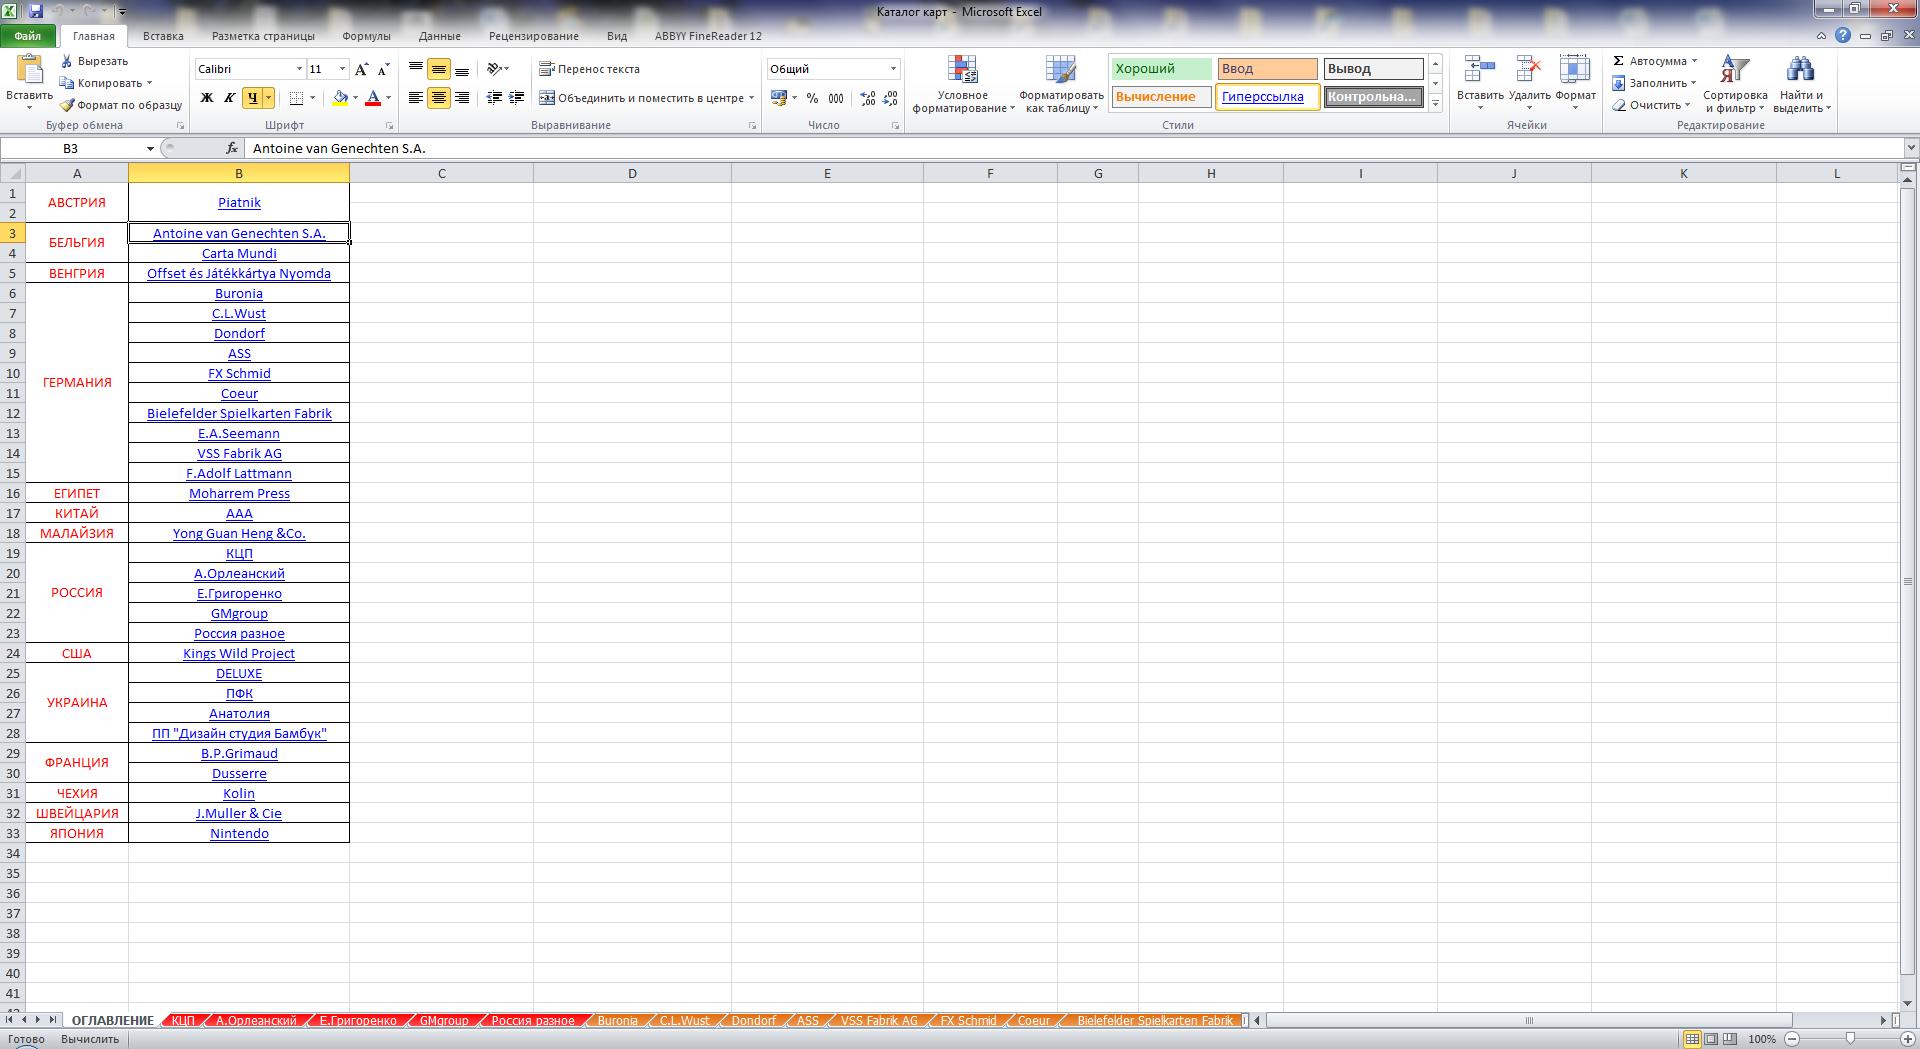 Пример построения каталога